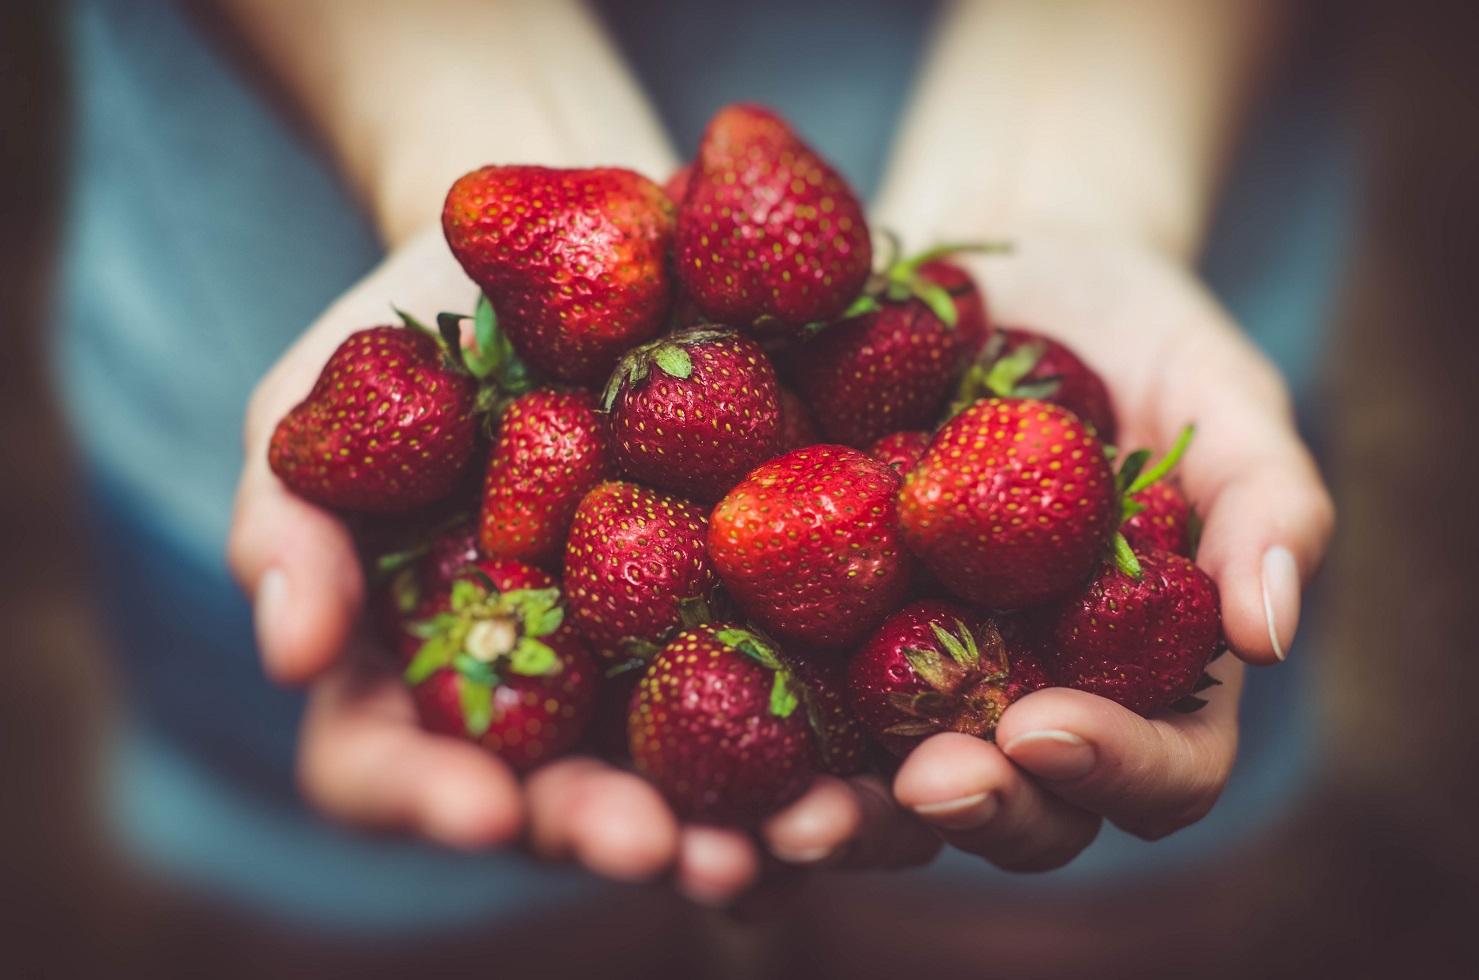 Sprawdź, które owoce mają najwięcej witaminy C